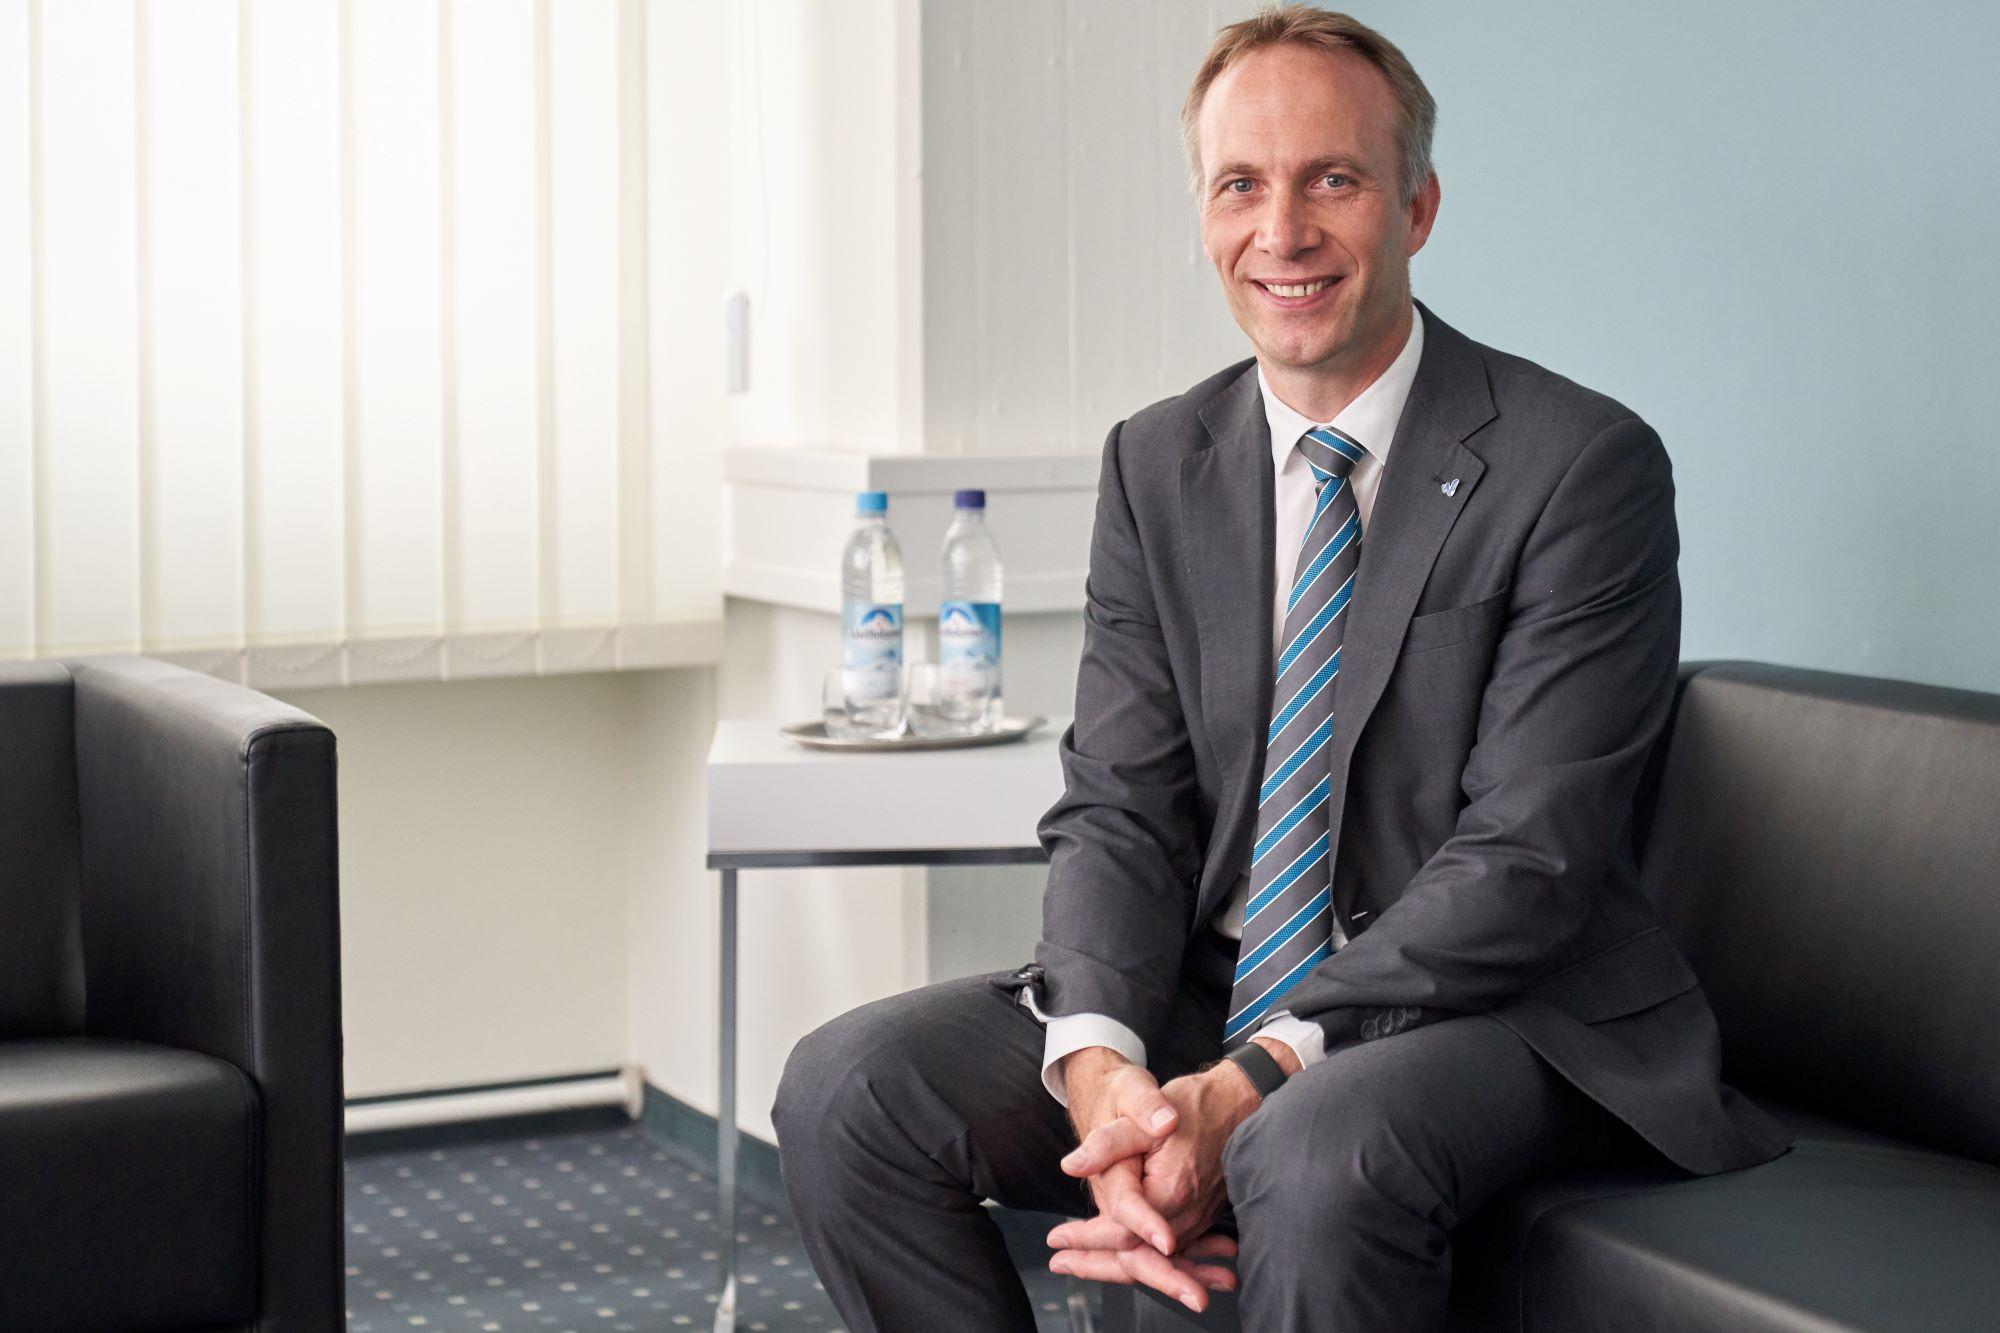 Bürgermeister Robert Pötzsch sitzt auf einem Sofa